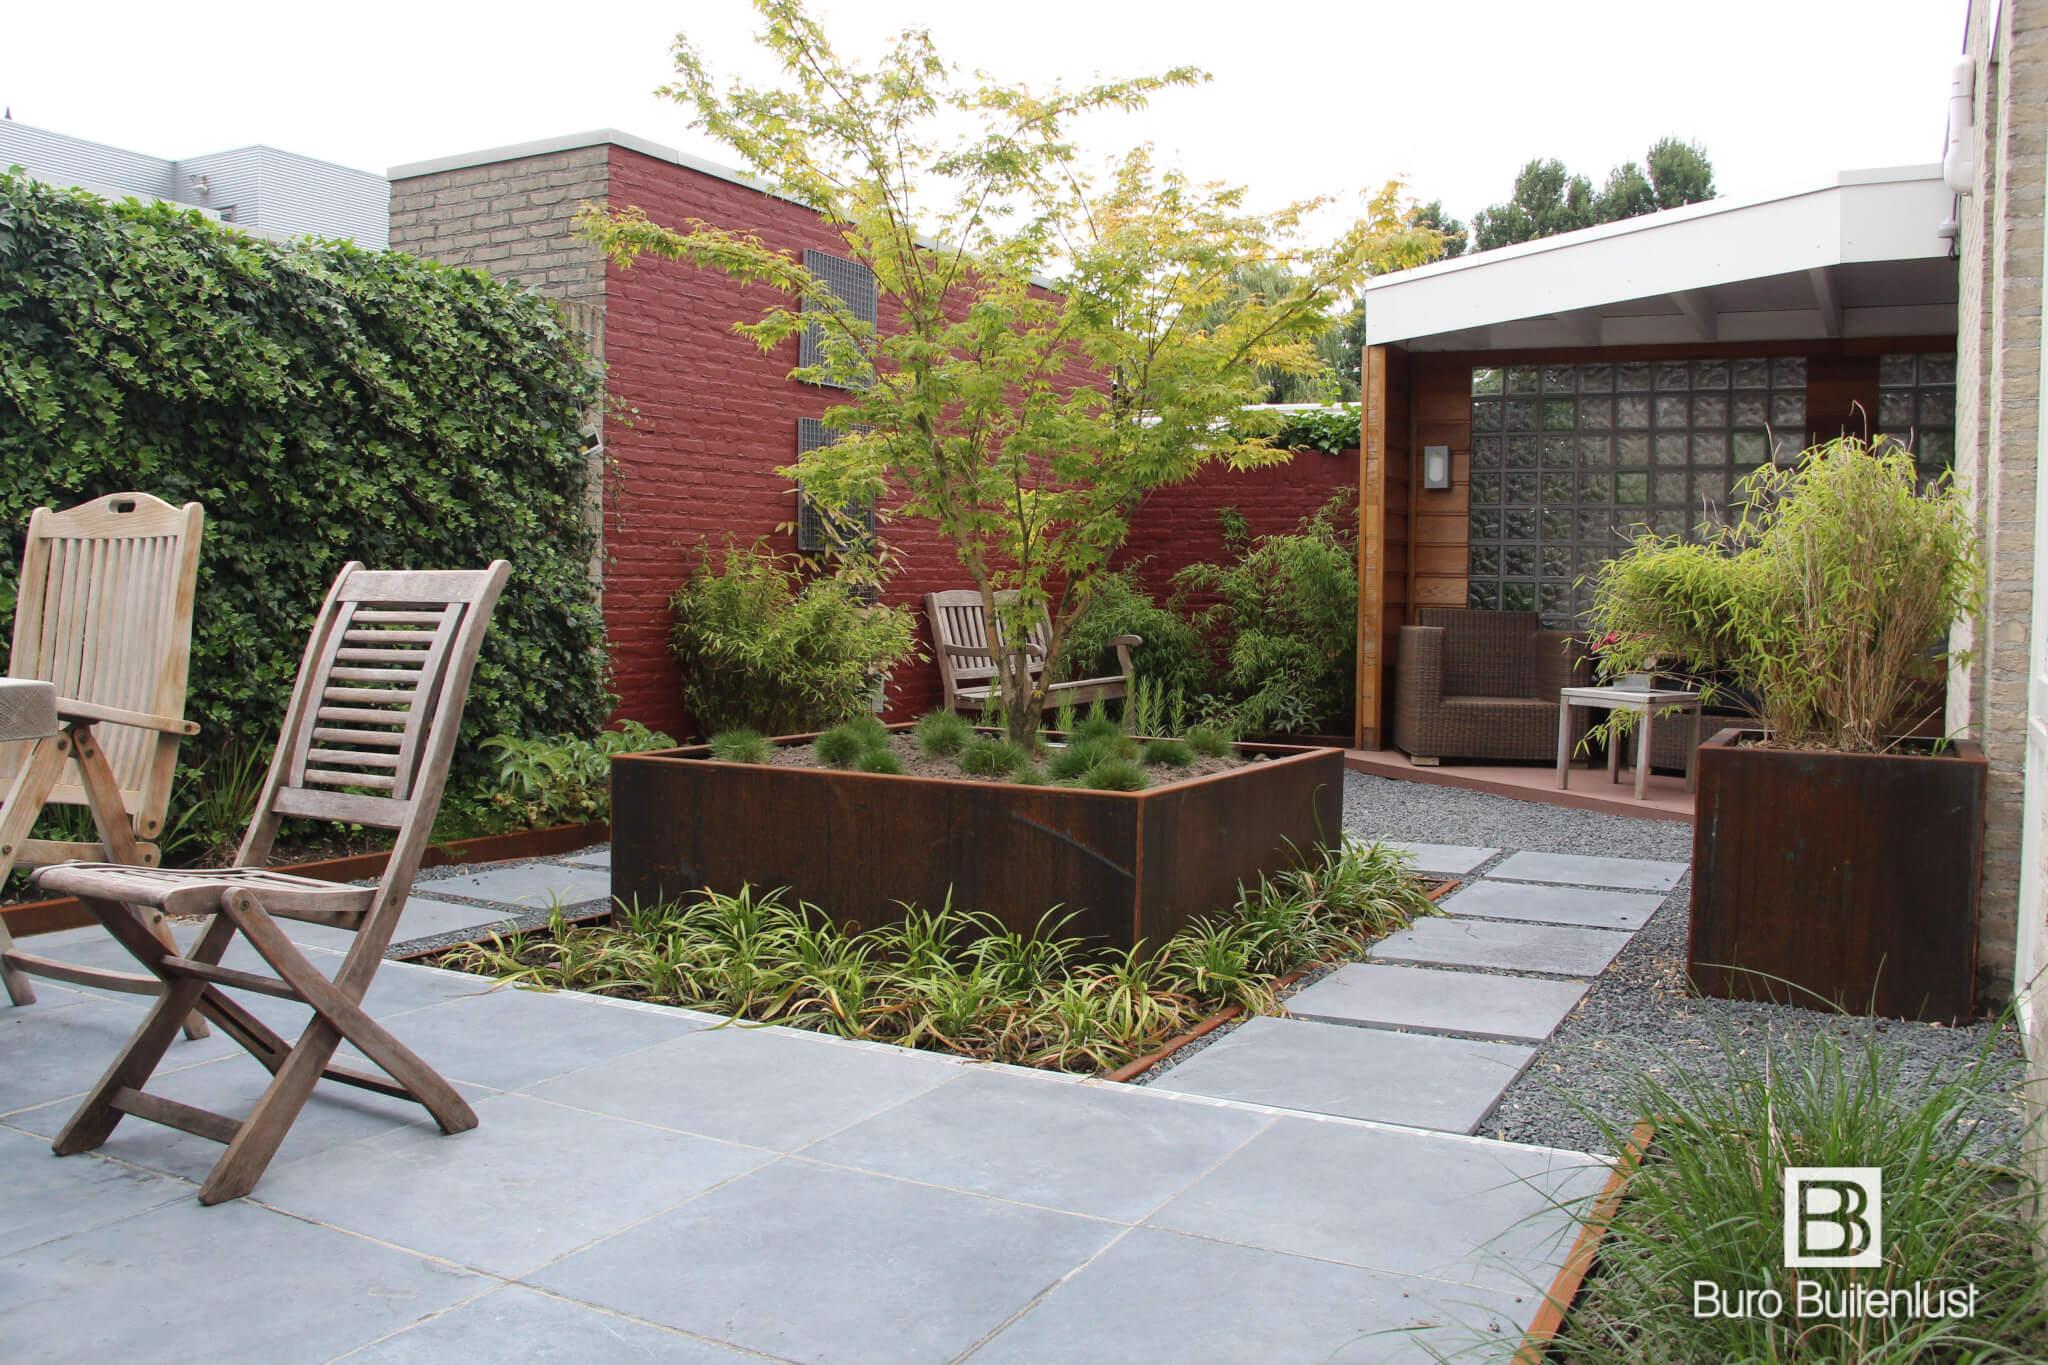 Moderne patiotuin buro buitenlust for Tuinontwerp natuurlijke tuin